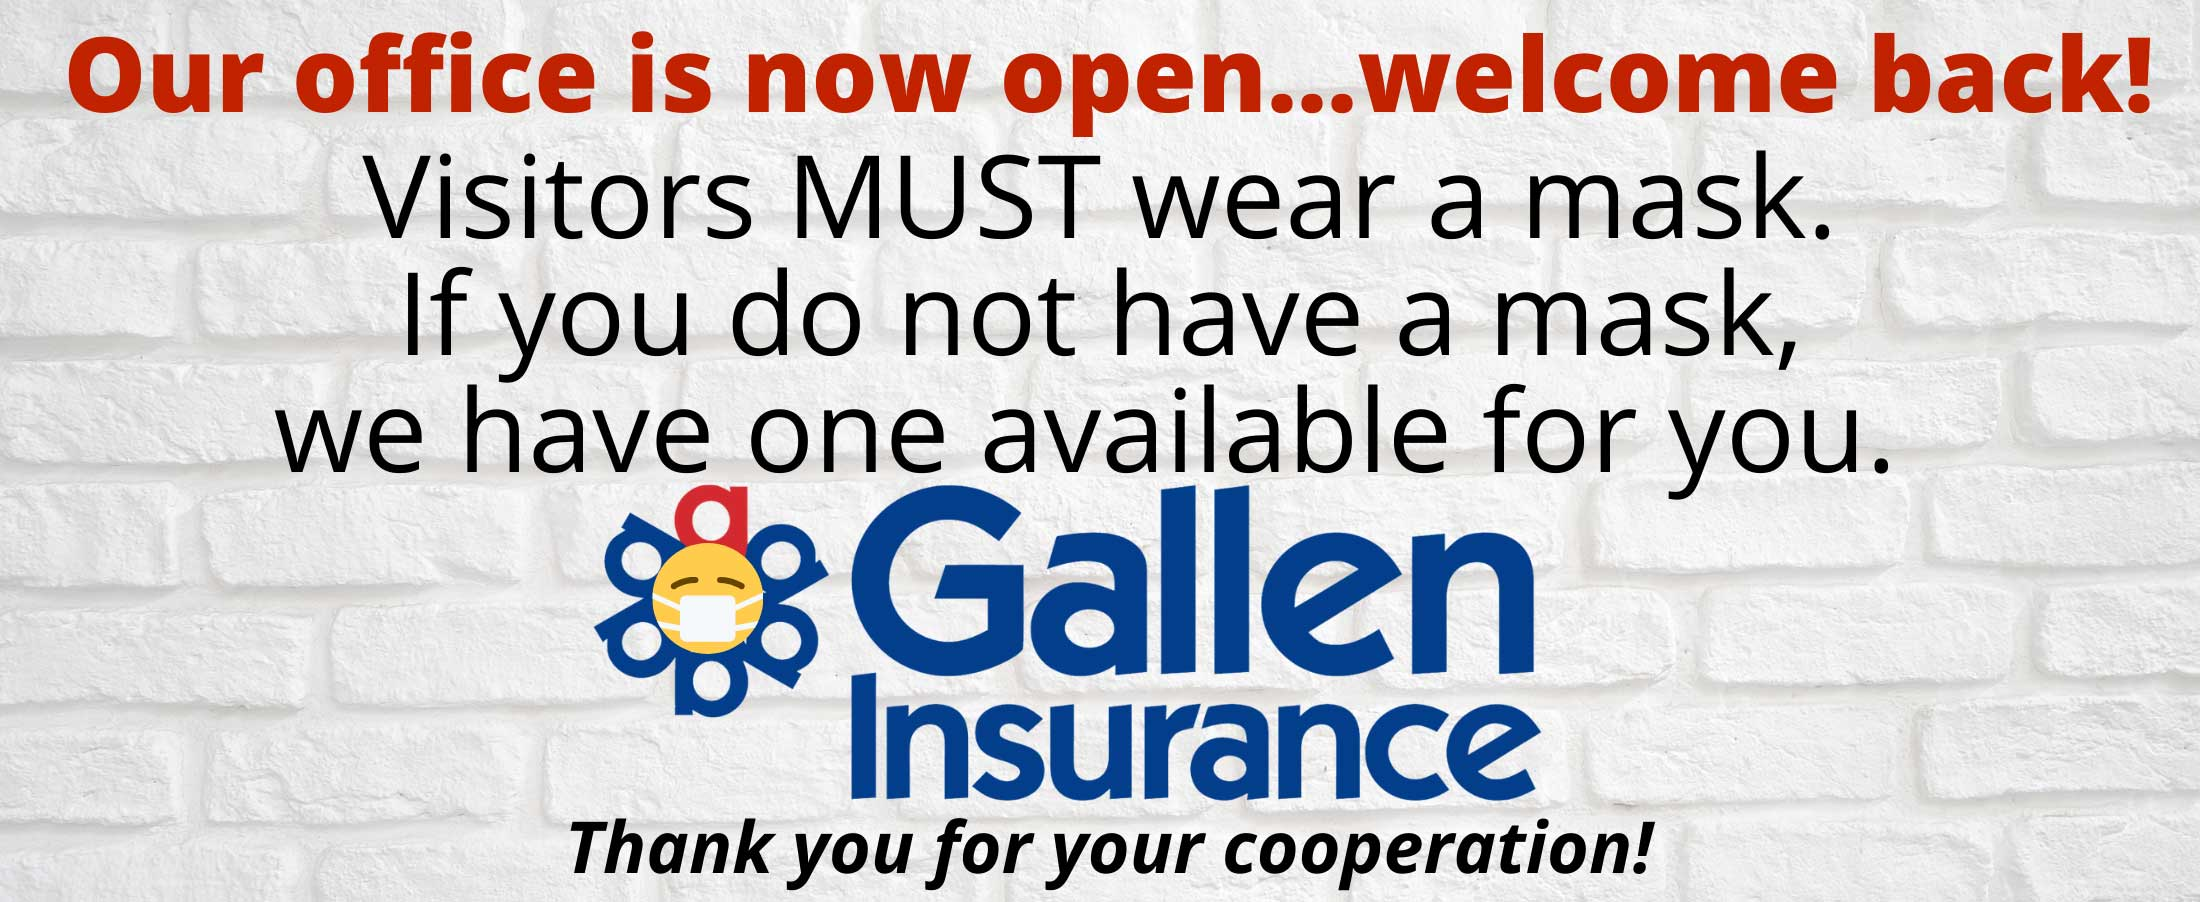 2020-06-28-gallen-office-open